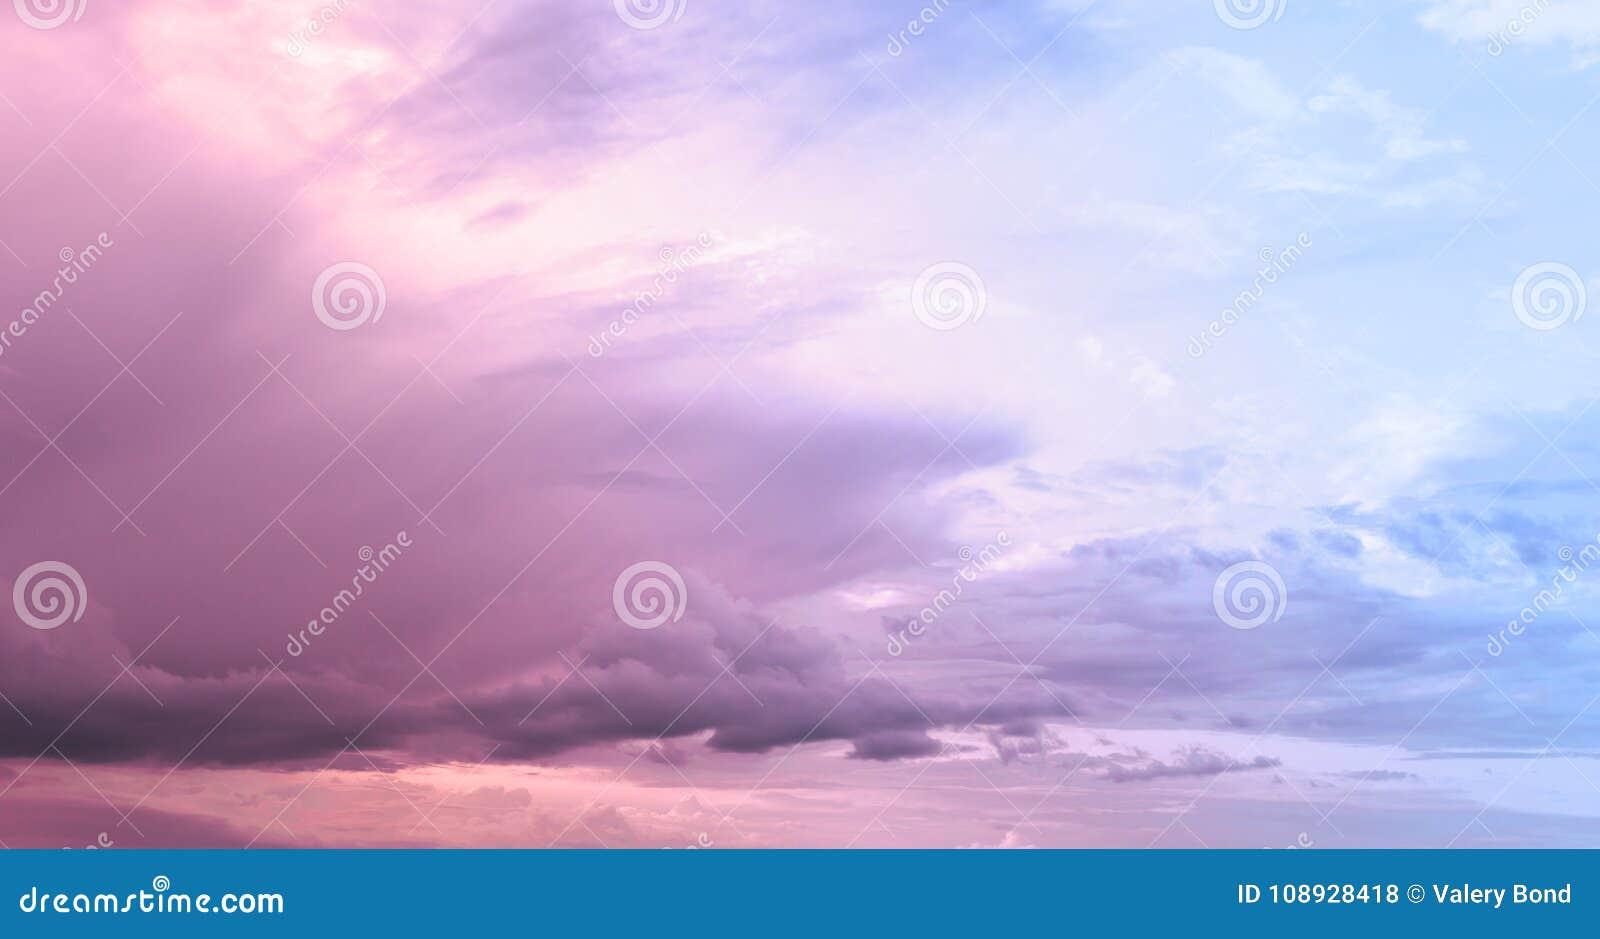 Cloudy Pink Sky